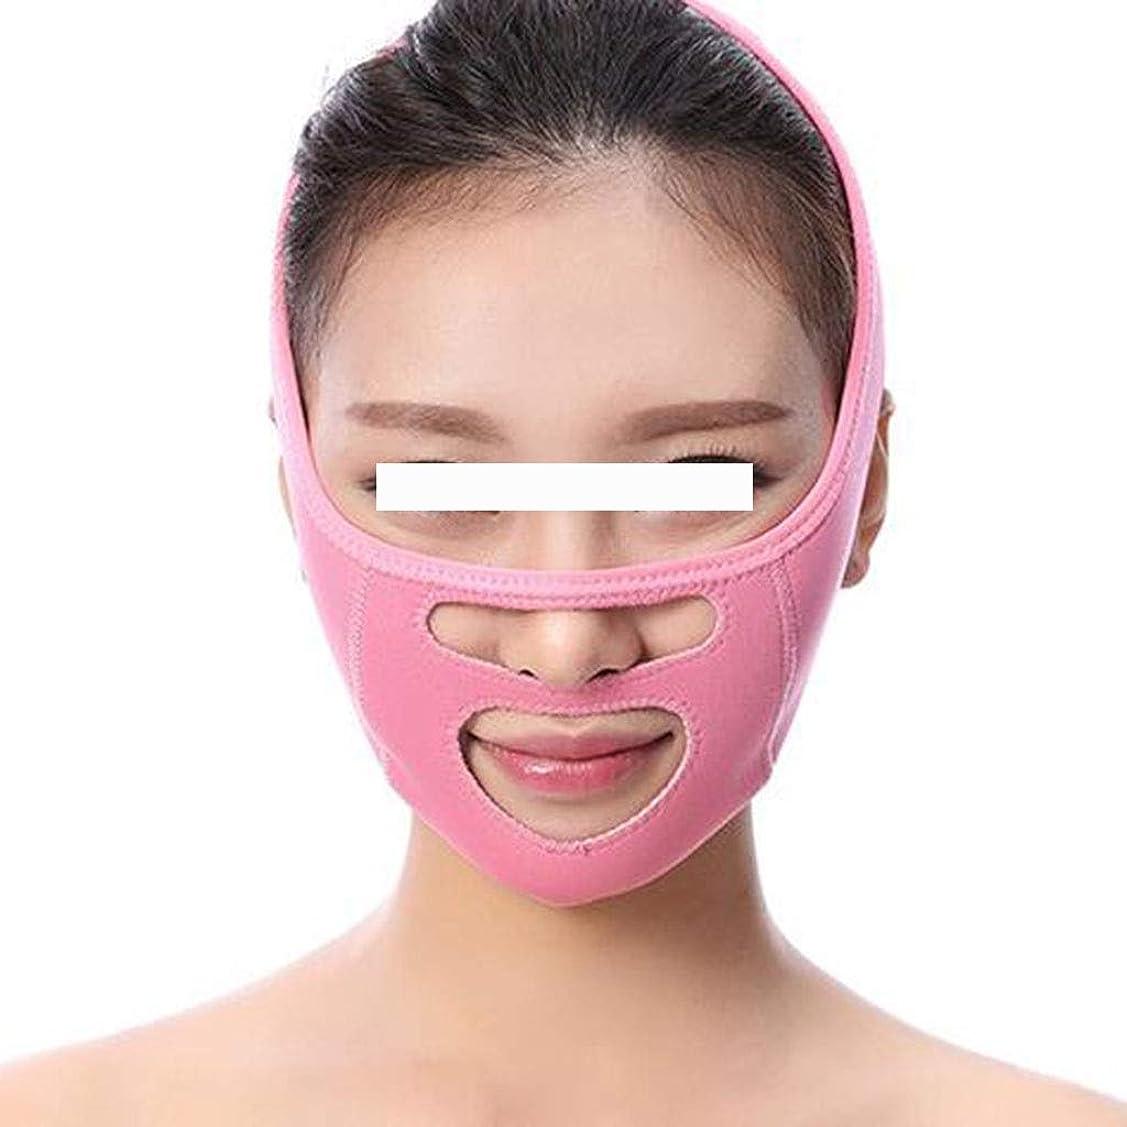 デイジー着陸魅惑的な人気のVフェイスマスク - 睡眠小顔美容フェイス包帯 - Decreeダブルチンvフェイスに移動